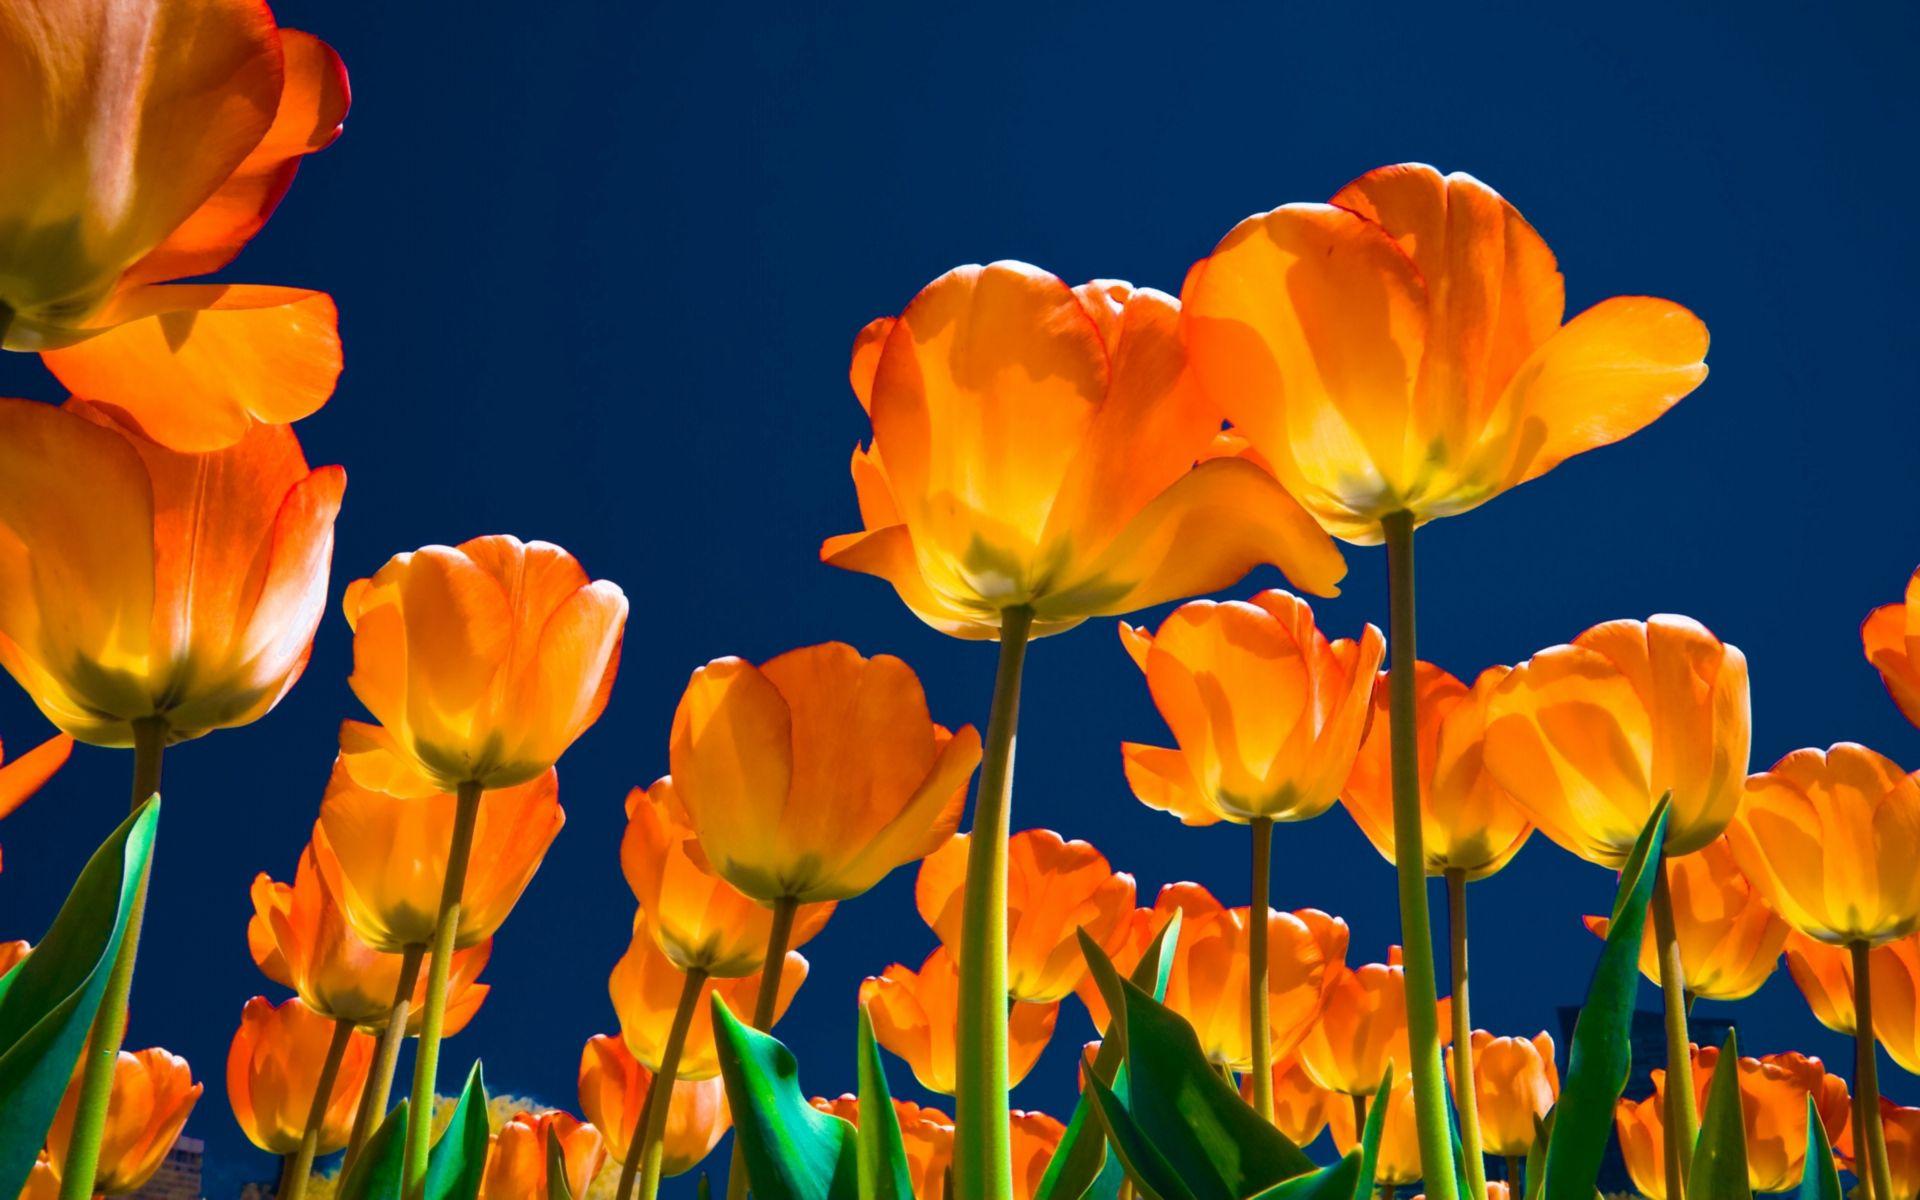 157702 descargar fondo de pantalla Flores, Noche, Cielo, Brillar, Luz, Lote, Mucho, Tulipanes: protectores de pantalla e imágenes gratis